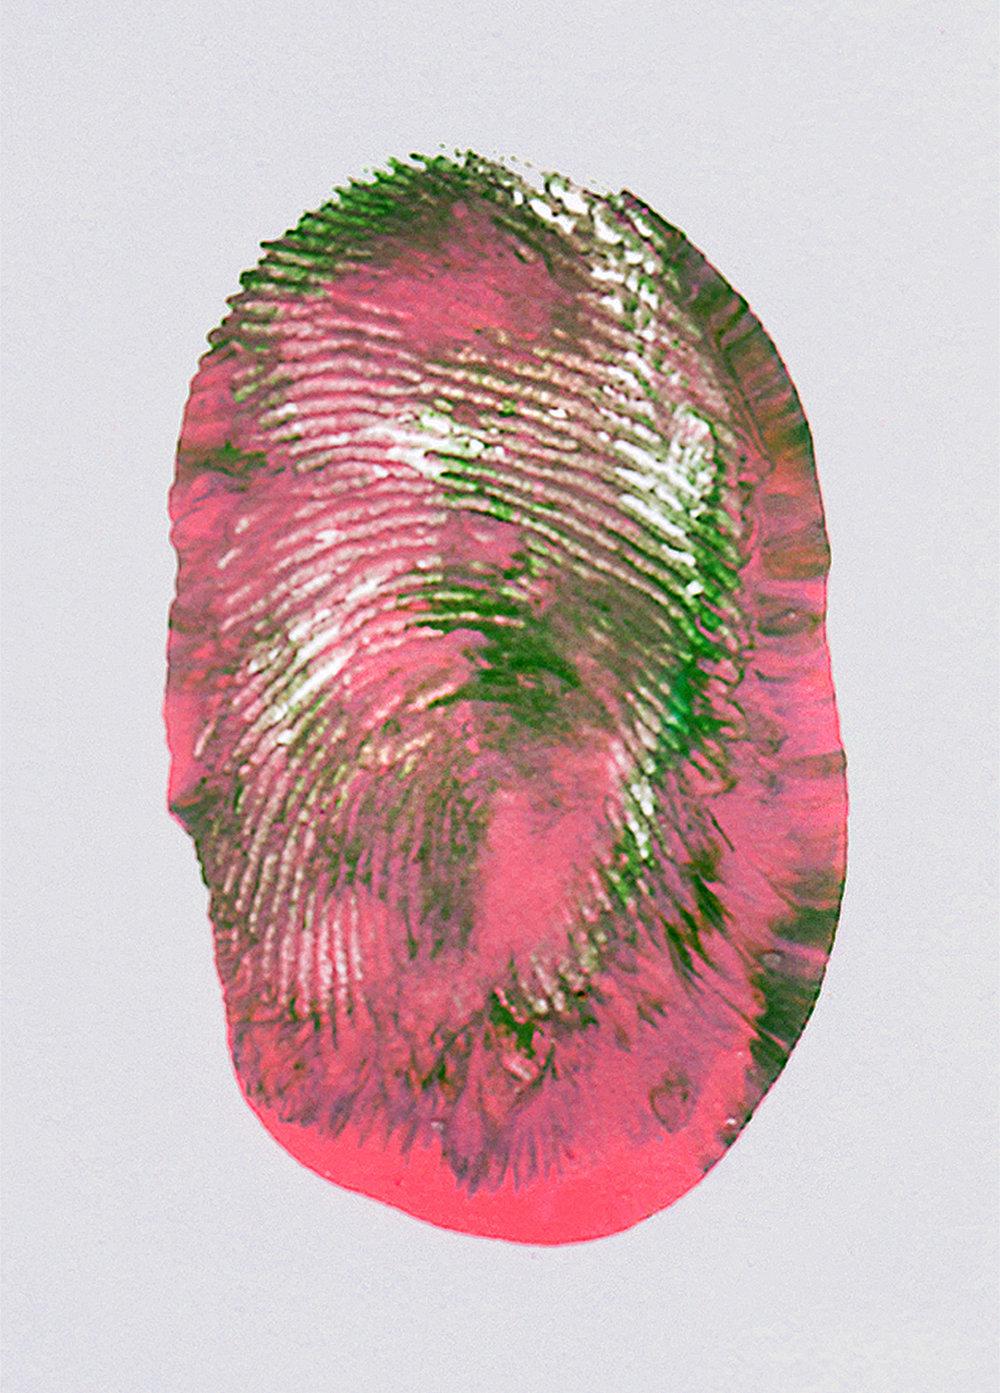 fingerprint_v1.jpg